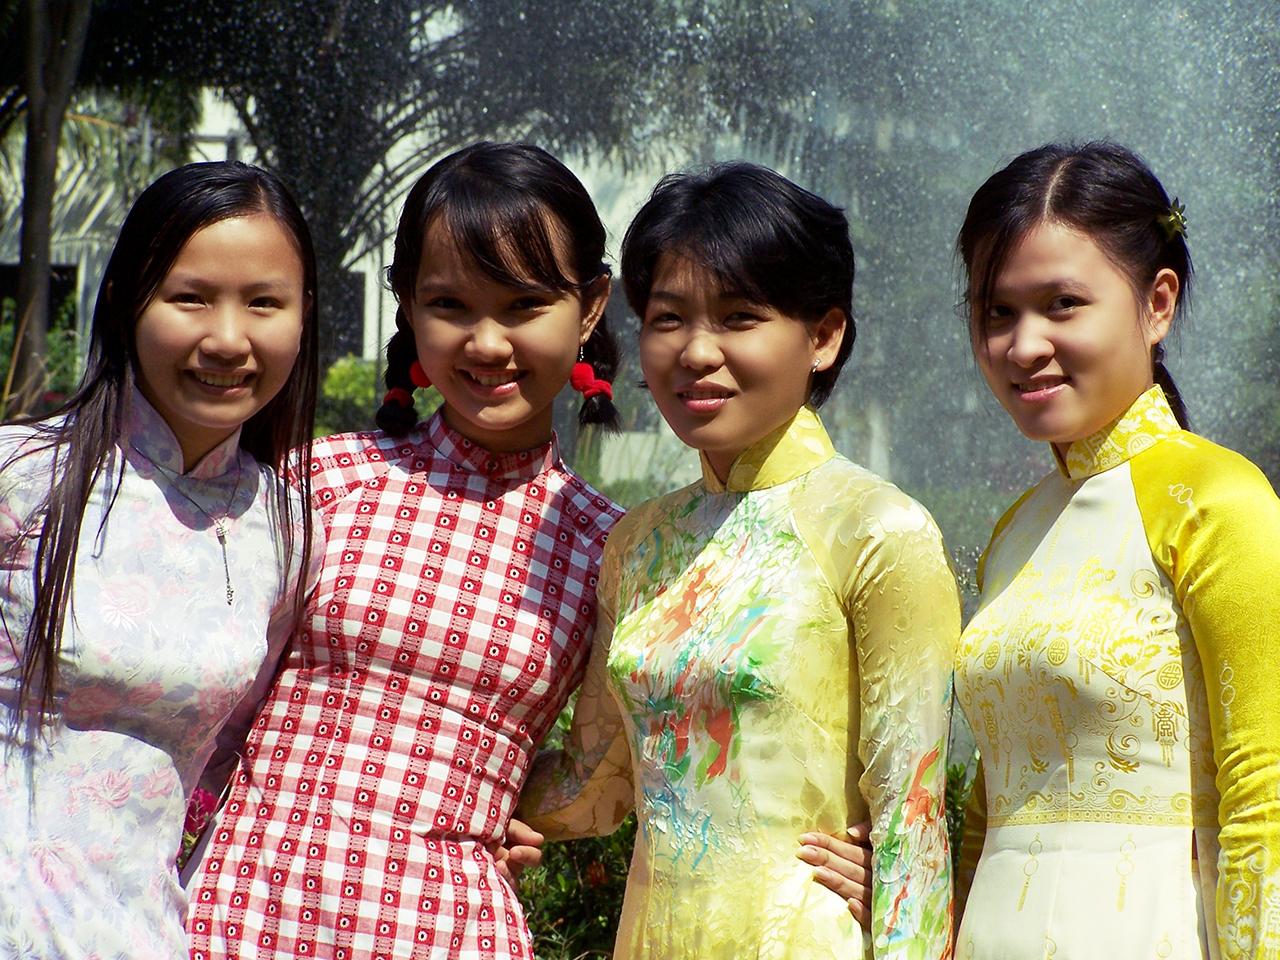 Sinh viện Việt Nam mặc áo dài đến trường trong ngày mùng 1 Tết.